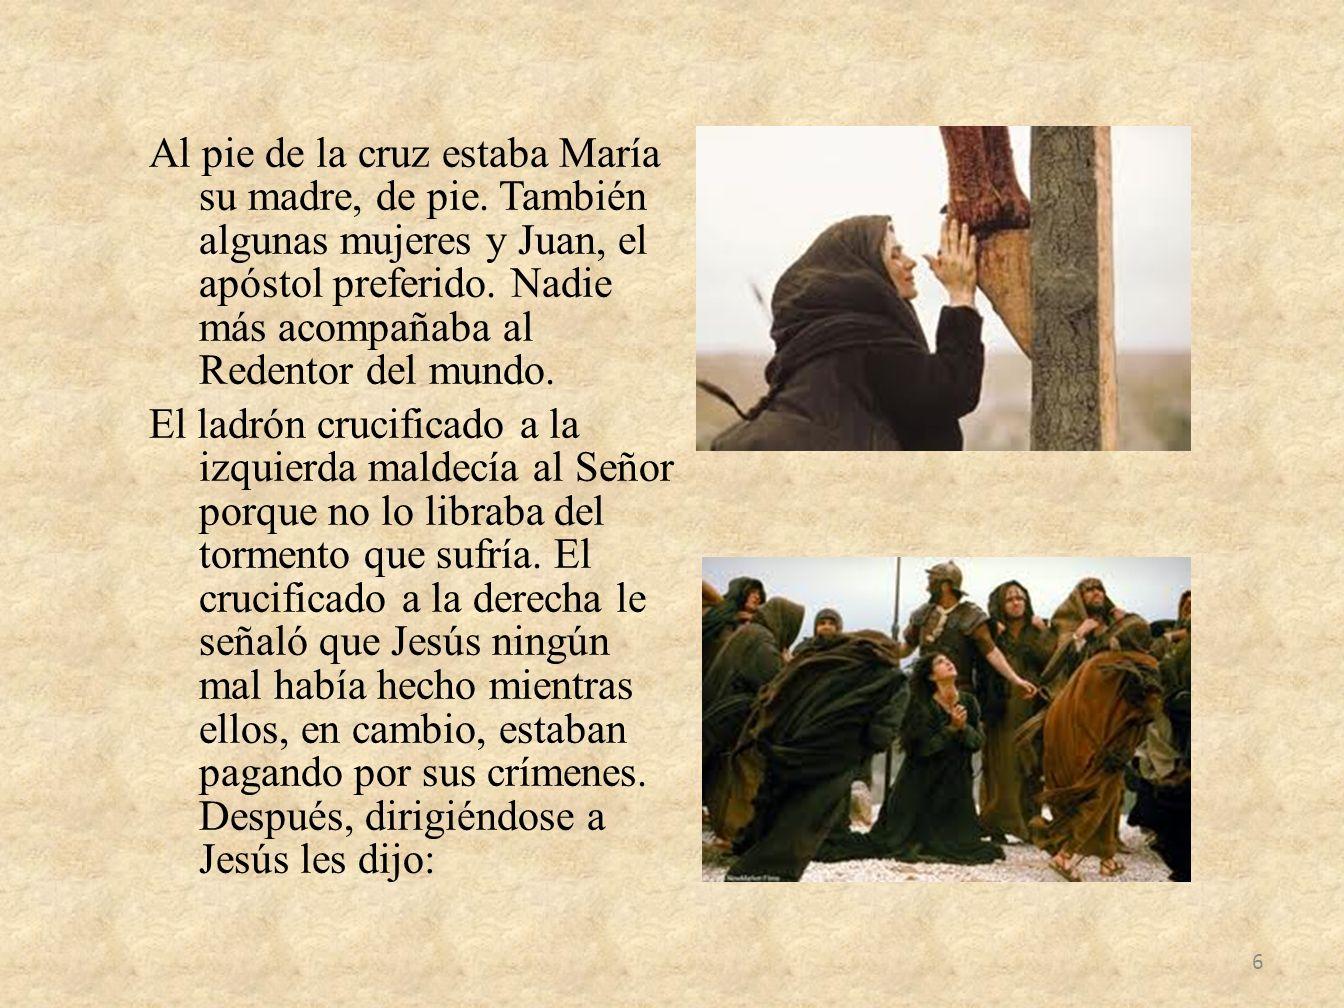 Al pie de la cruz estaba María su madre, de pie. También algunas mujeres y Juan, el apóstol preferido. Nadie más acompañaba al Redentor del mundo. El